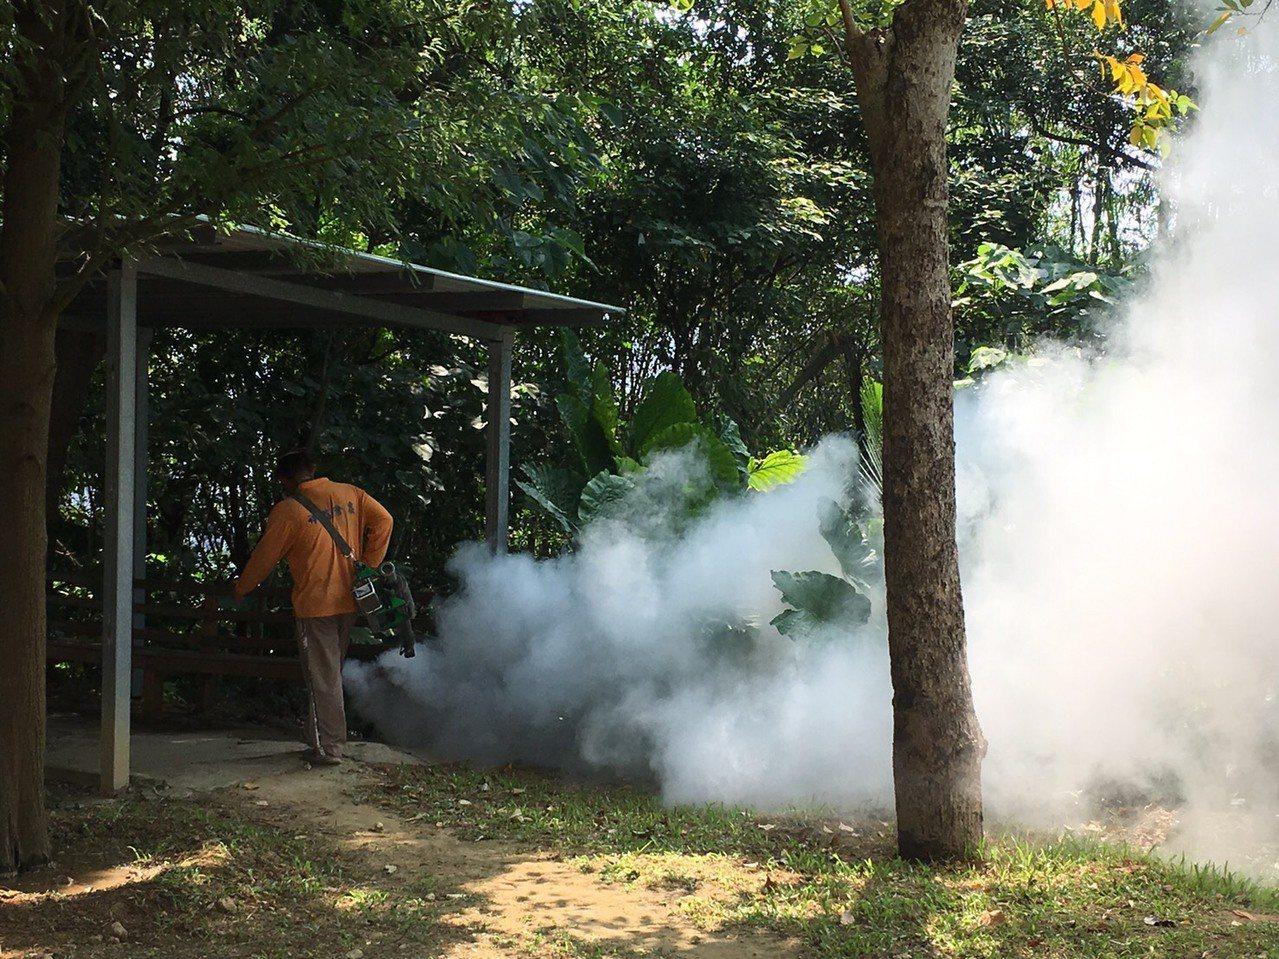 衛生局表示,目前措施為加強菜園噴消、要求地主孳清,以及請地主自主限制人員進出。